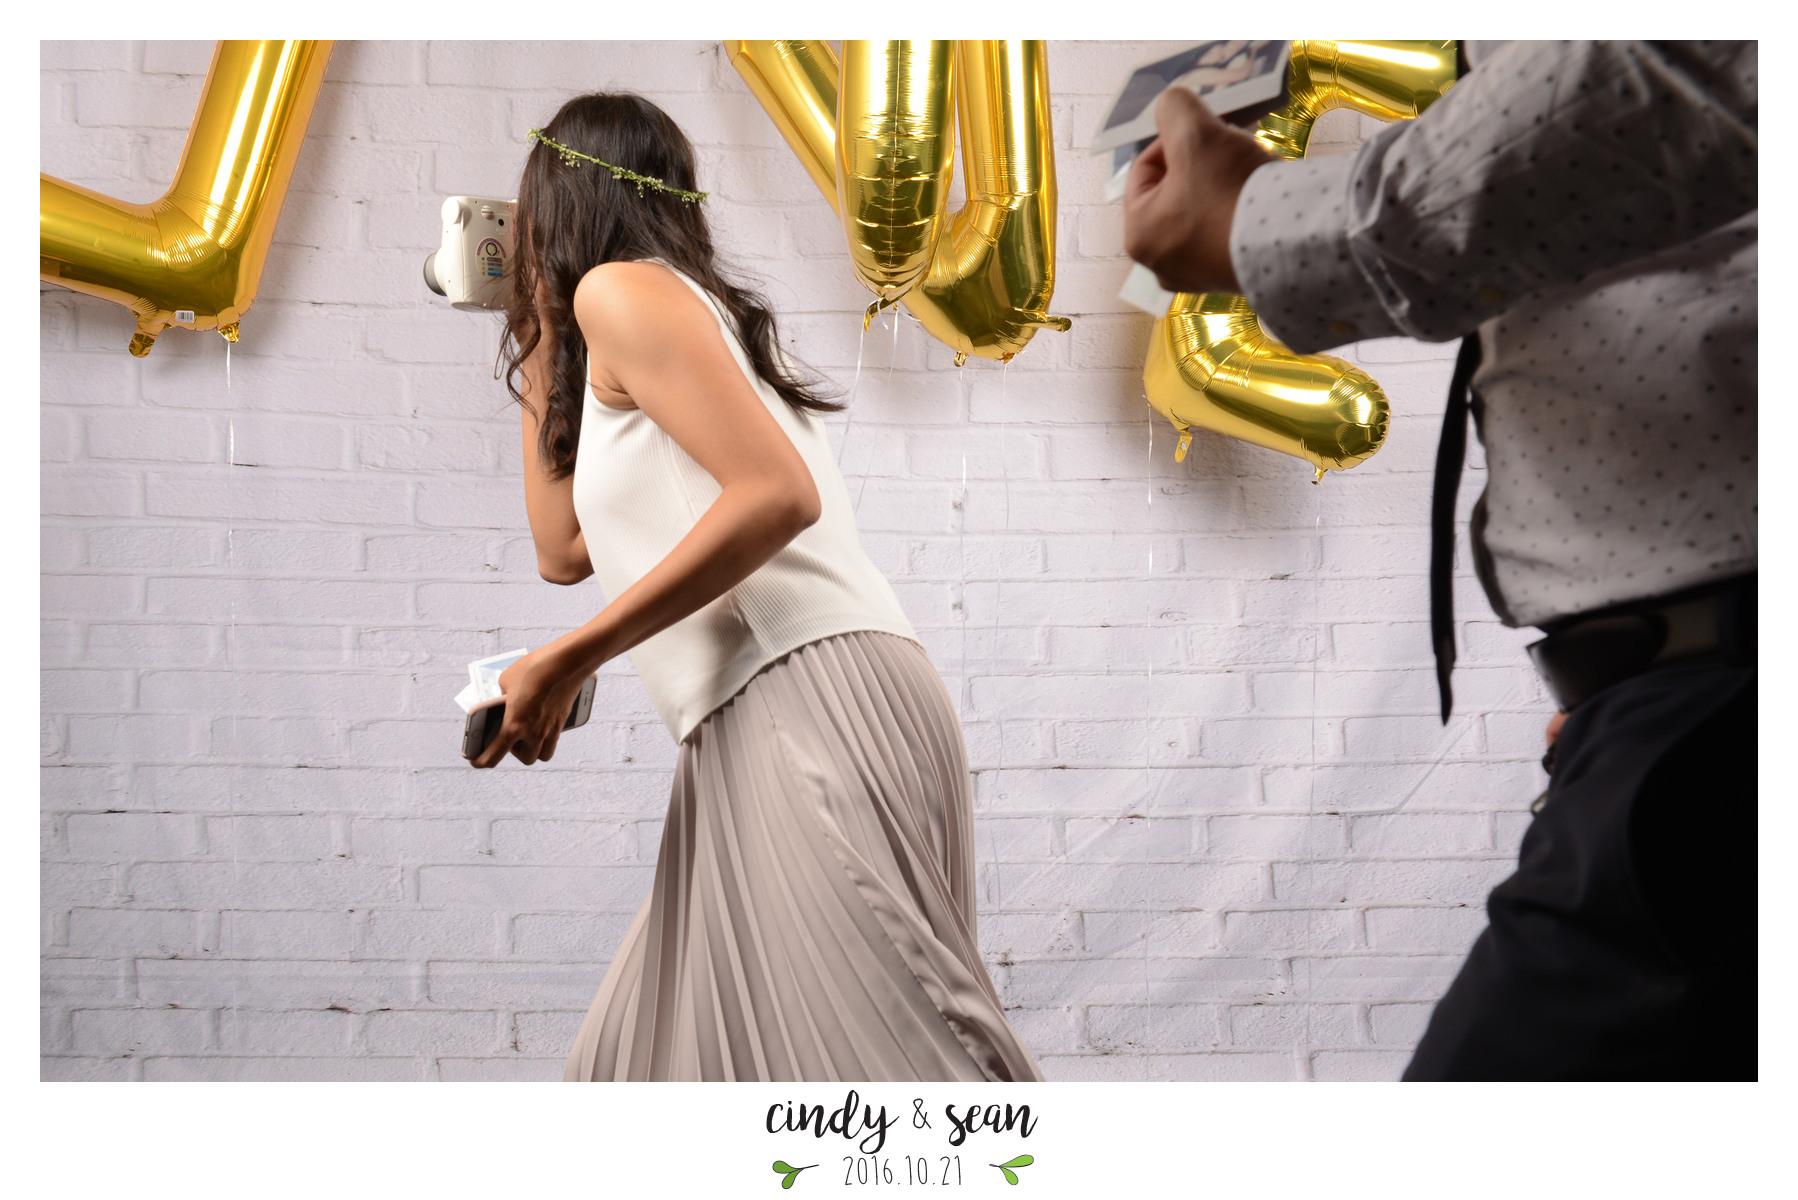 Cindy Sean Bae - 0001-205.jpg